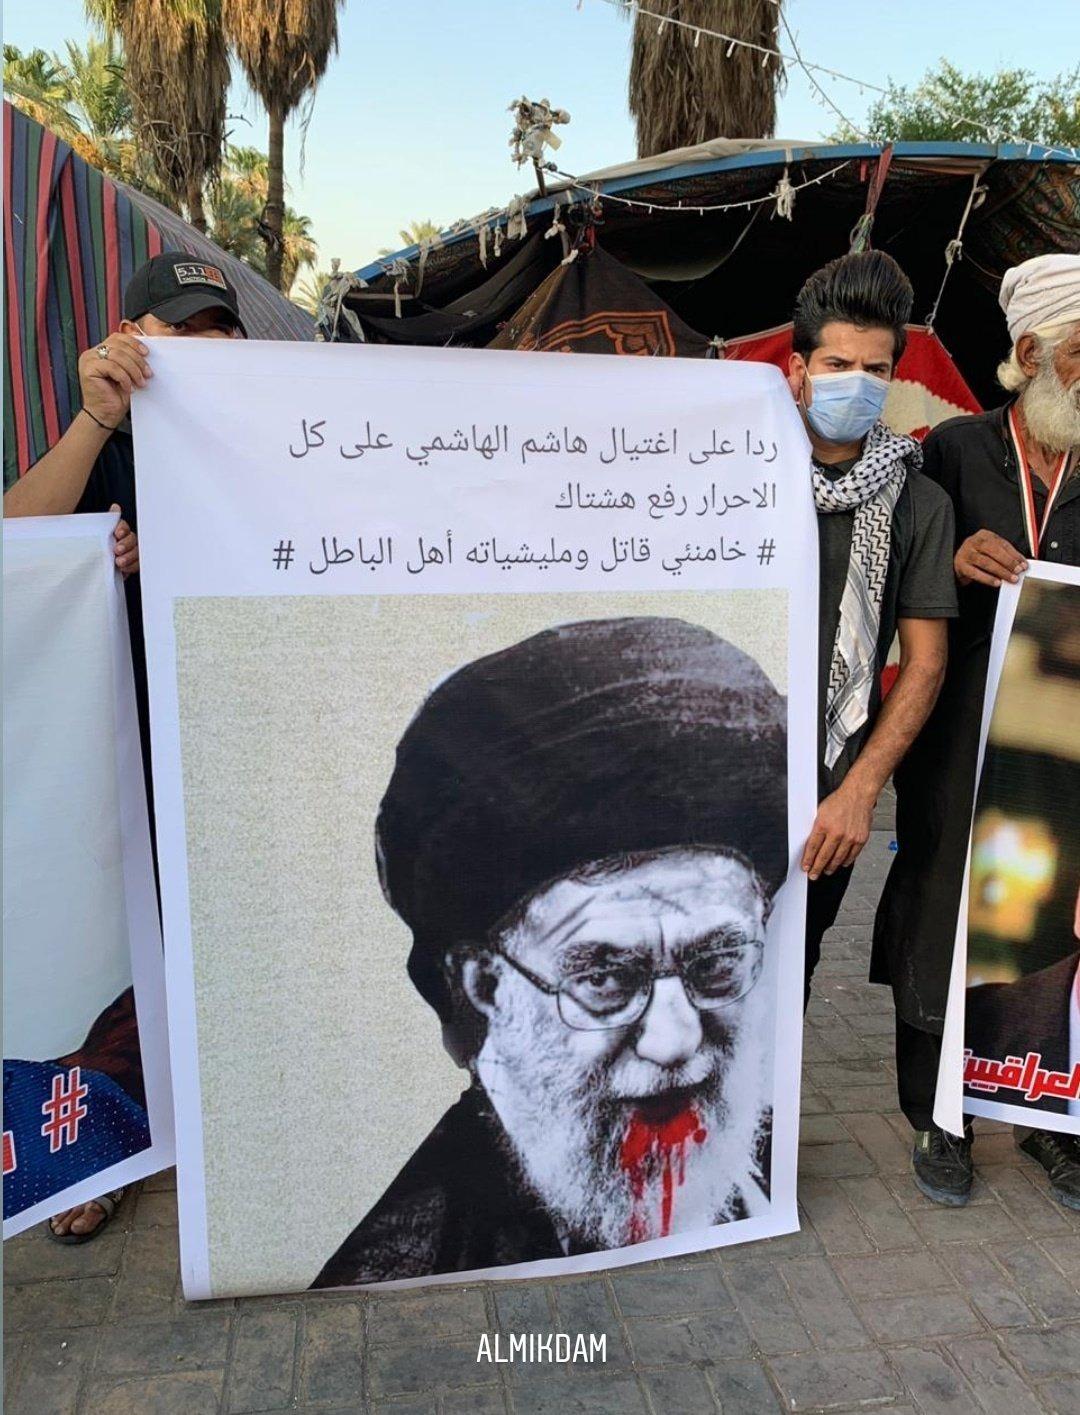 """حمل المشيعون صورة المرشد الإيراني مكتوب عليها """"خامنئي قاتل"""""""